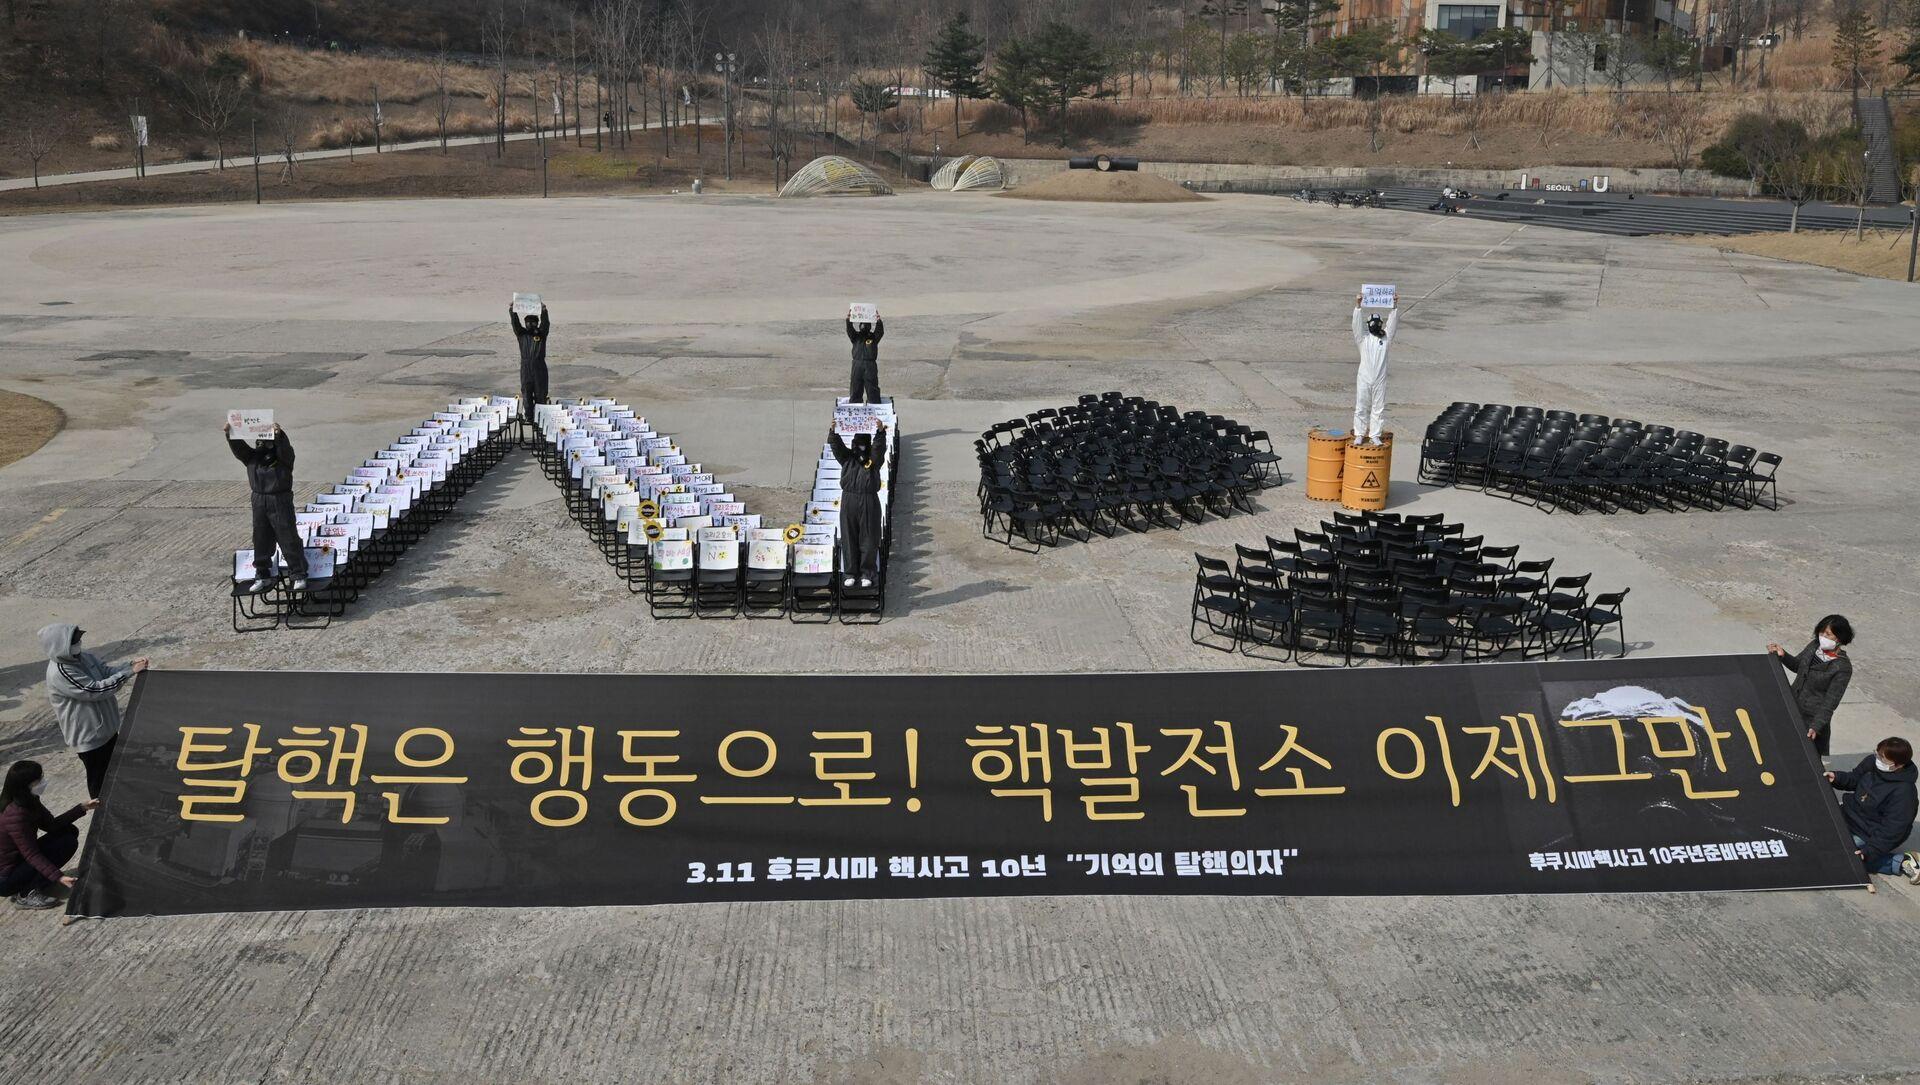 Эко-активисты из Южной Кореи во время протестов против АЭС в память о катастрофе на АЭС Фукусима в Сеуле  - Sputnik Азербайджан, 1920, 16.04.2021